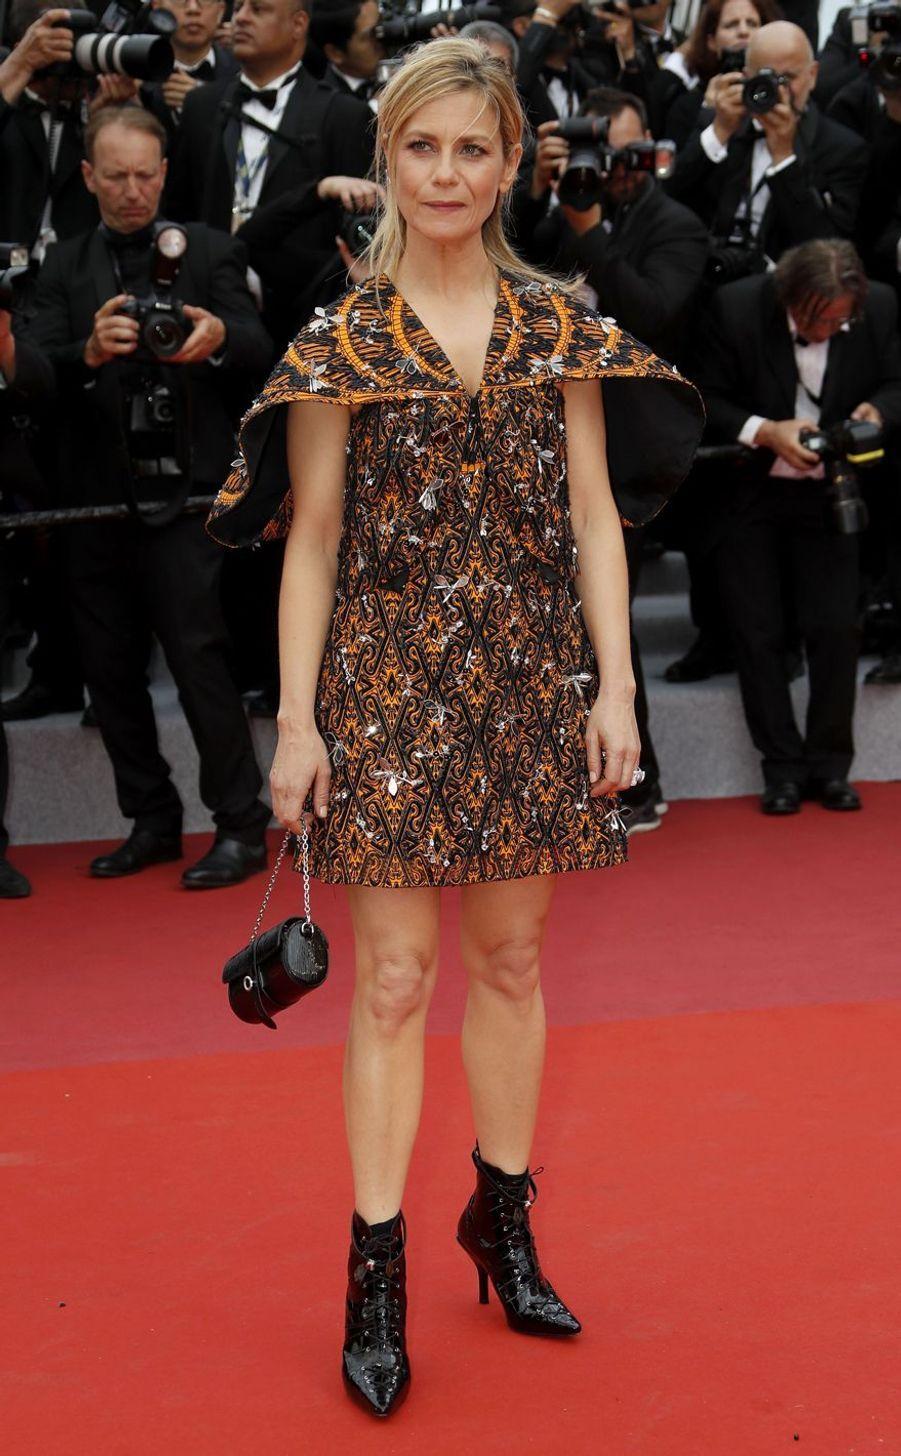 Marina Foïslors de la montée des marches du film «The Dead Don't Die» lors du 72e Festival de Cannes le 14 mai 2019